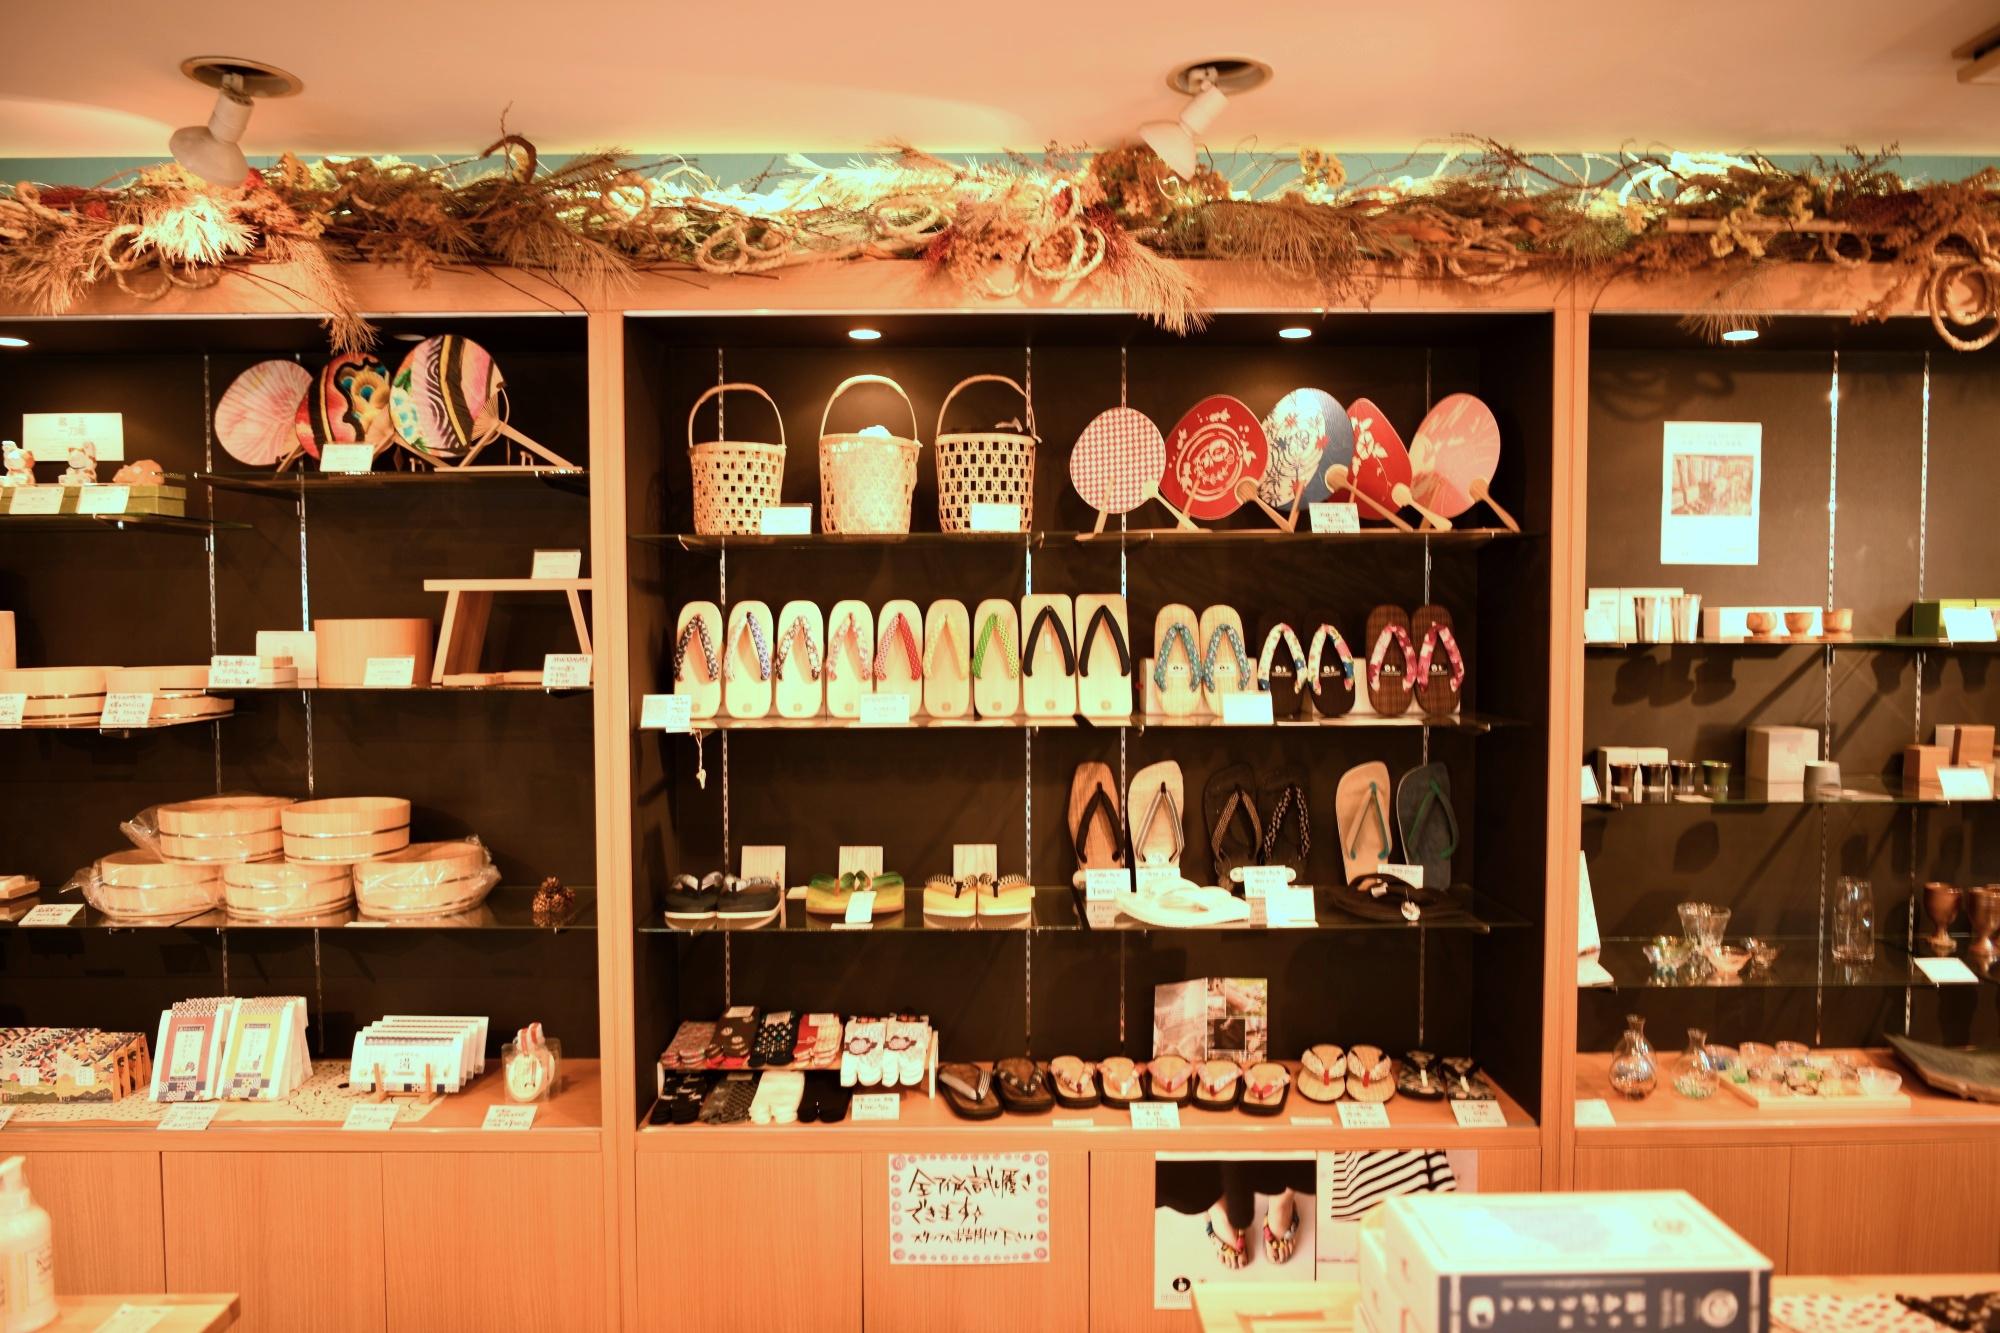 【特集記事】あなただけの温泉コーデを見つけませんか?~日本初の温泉コーデショップZao Onsen 湯旅屋 高湯堂~